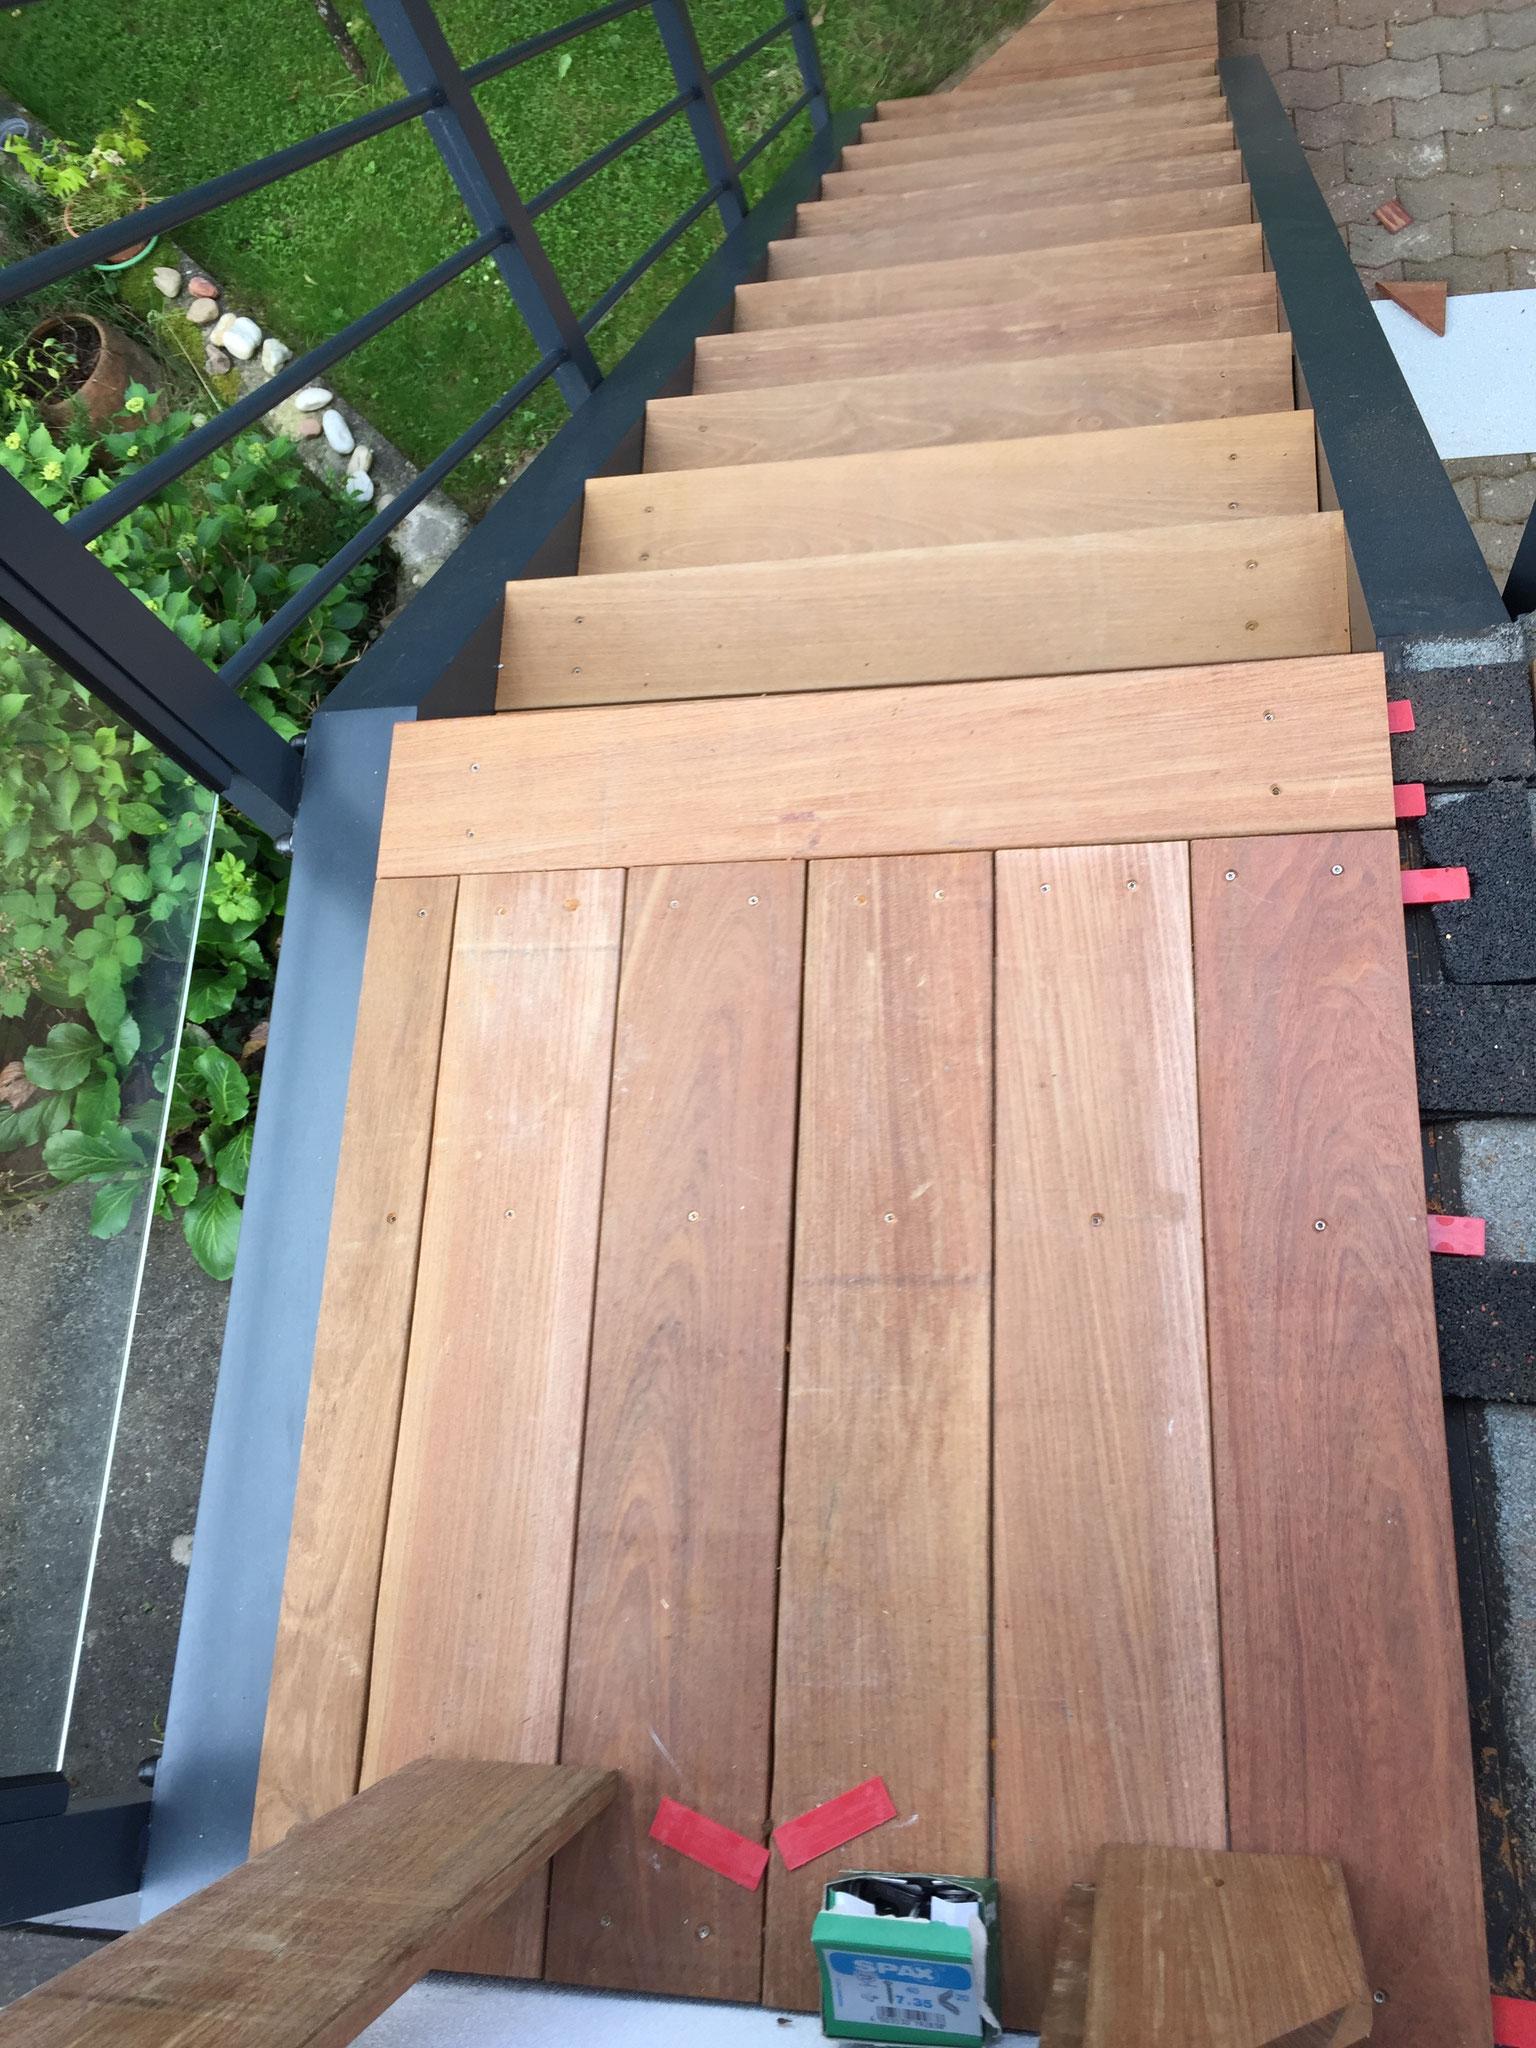 Terrasse en bois exotique (Ipé) sur pilotis + escalier Strasbourg 67 Activ Renovation